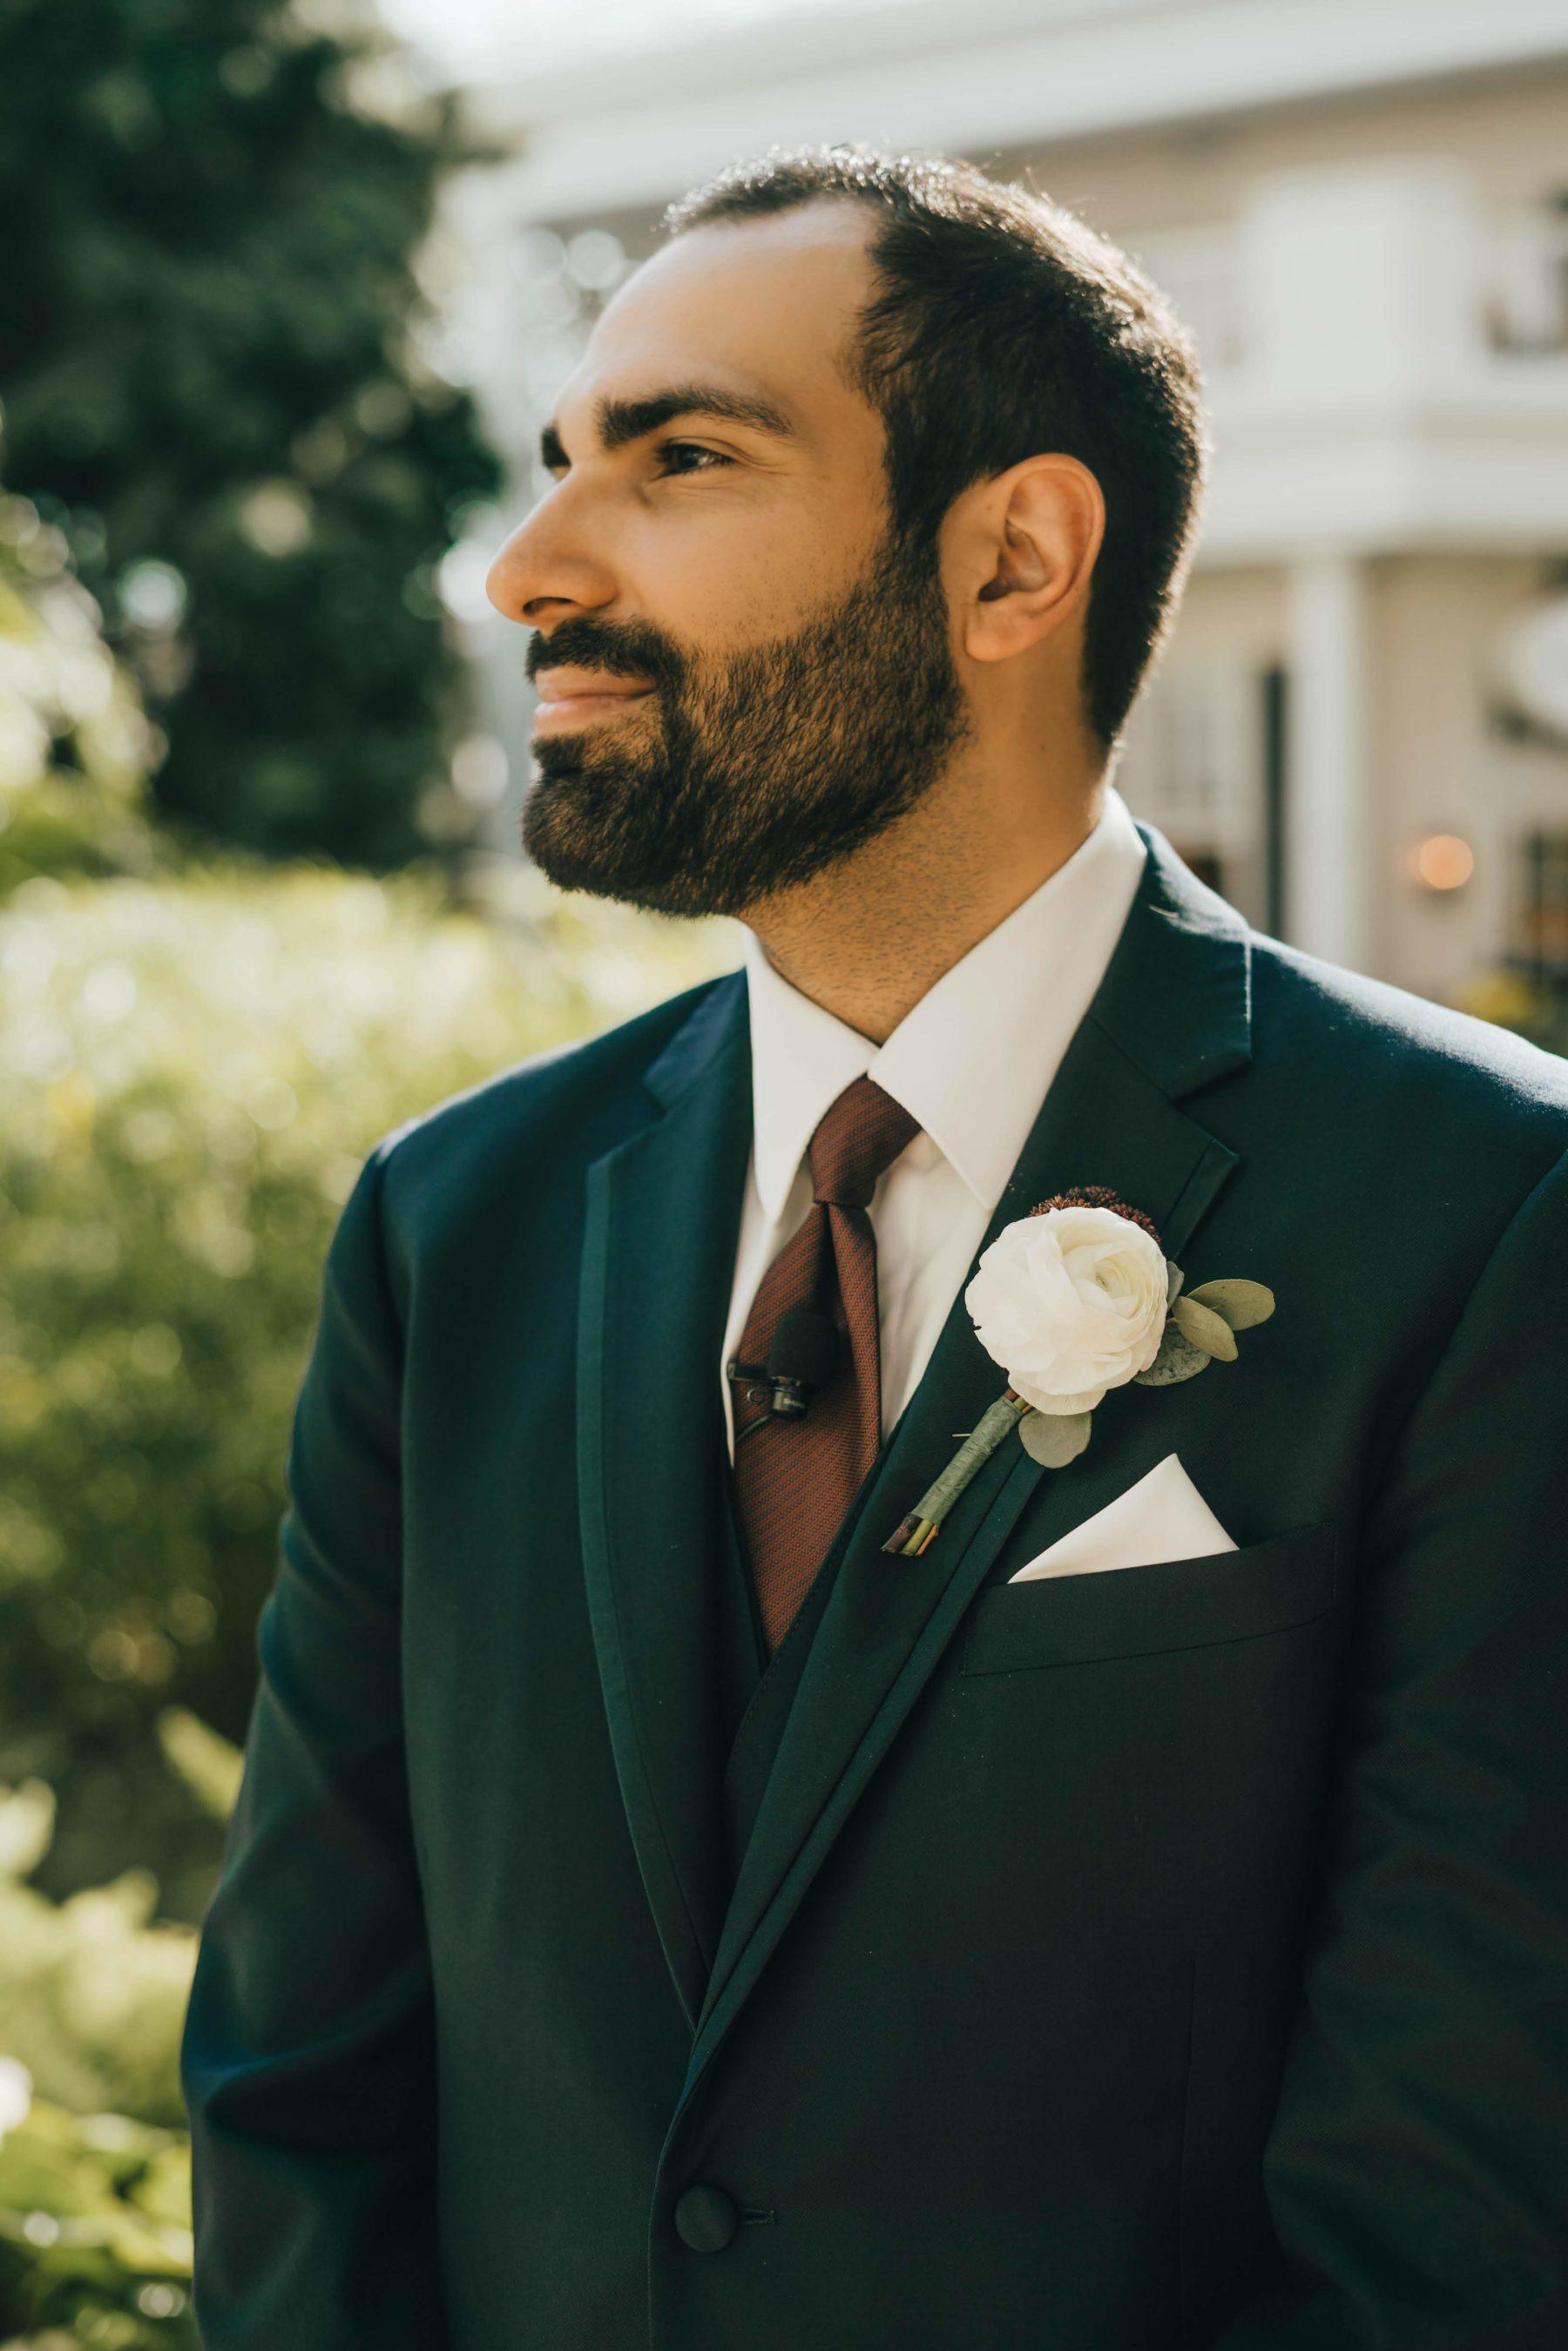 Nashville Flower Market Wedding Boutonniere for Opryland Wedding